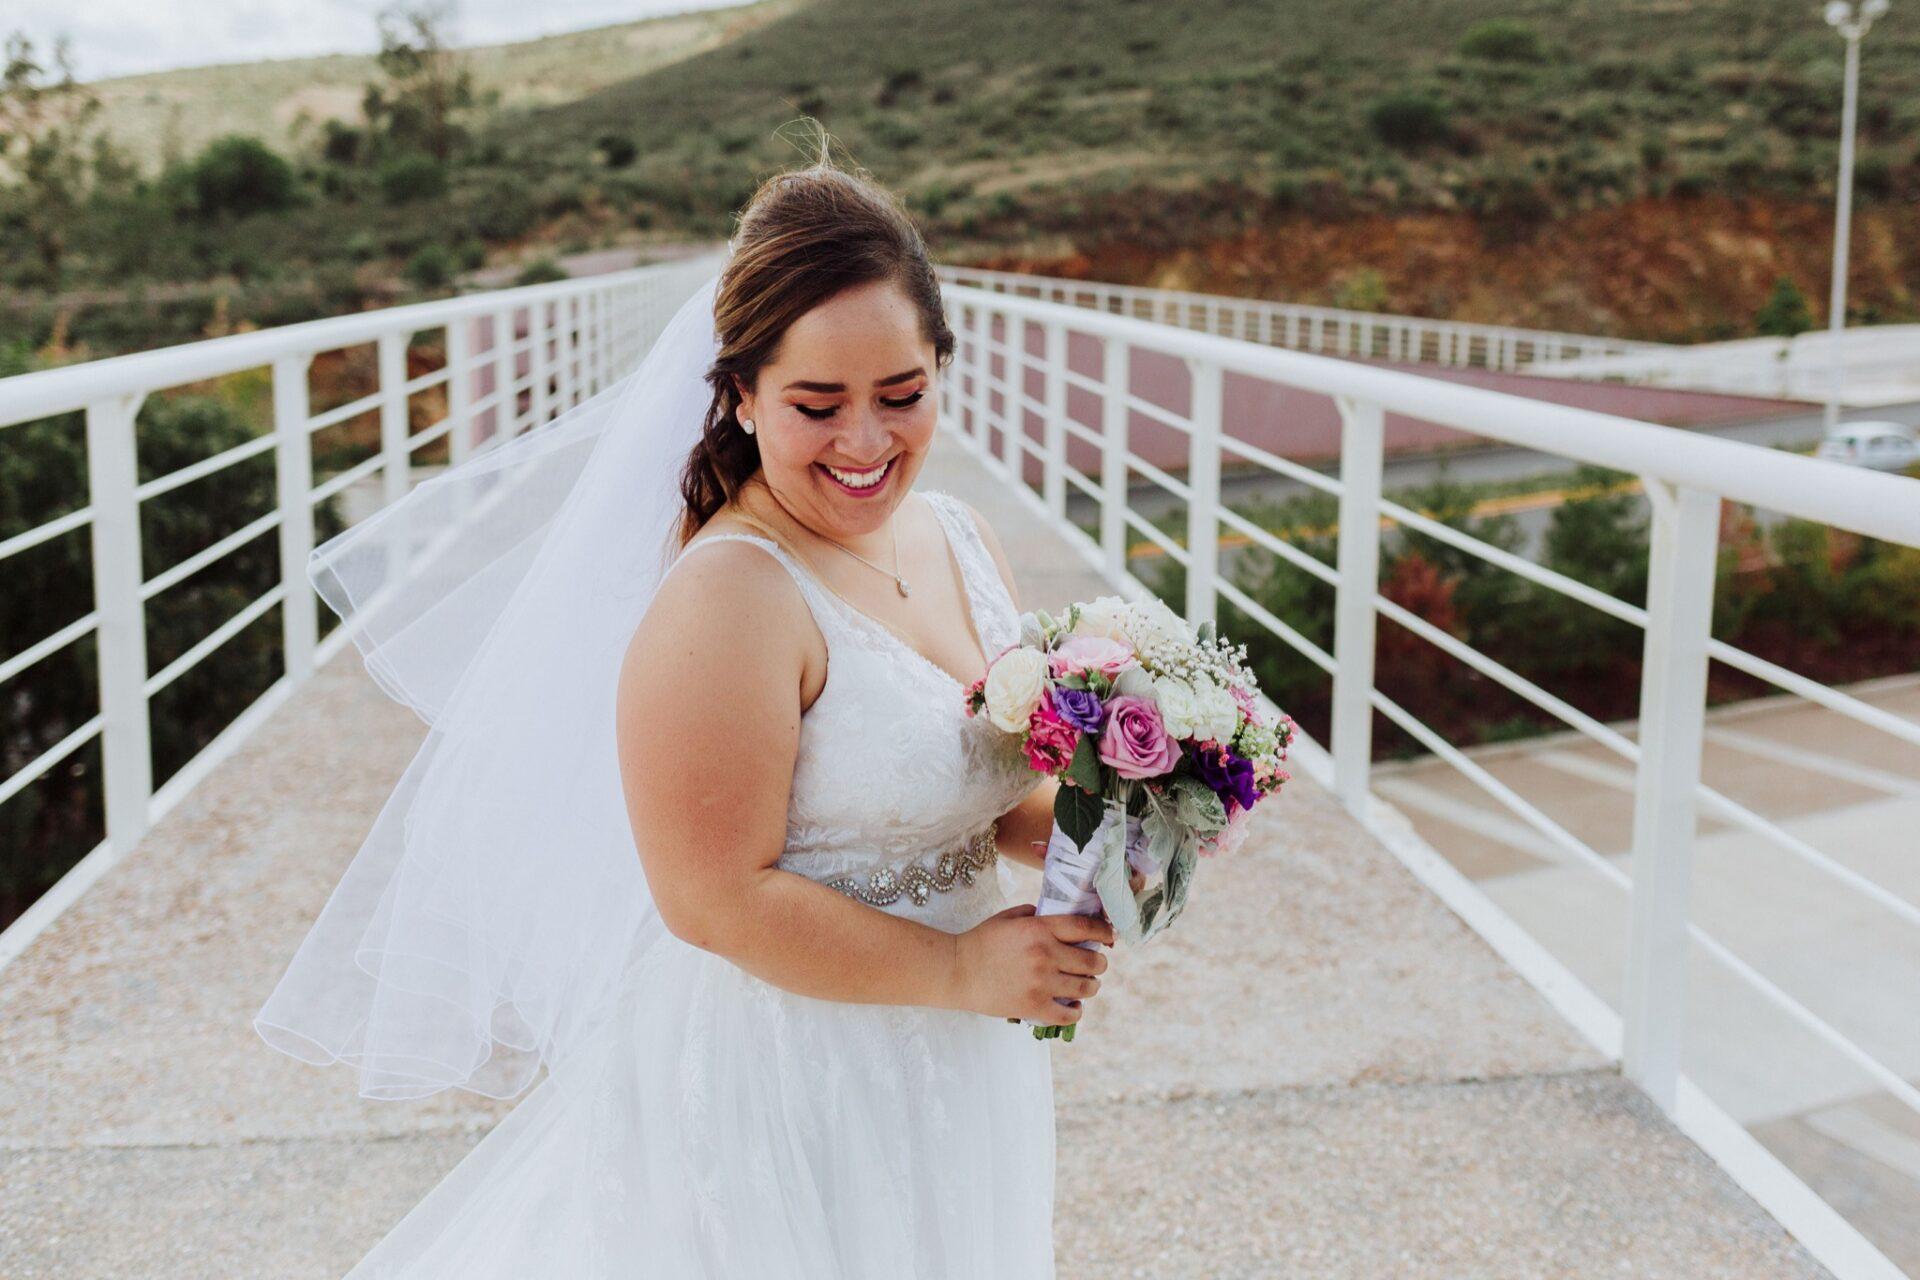 javier_noriega_fotografo_bodas_los_gaviones_zacatecas_wedding_photographer14